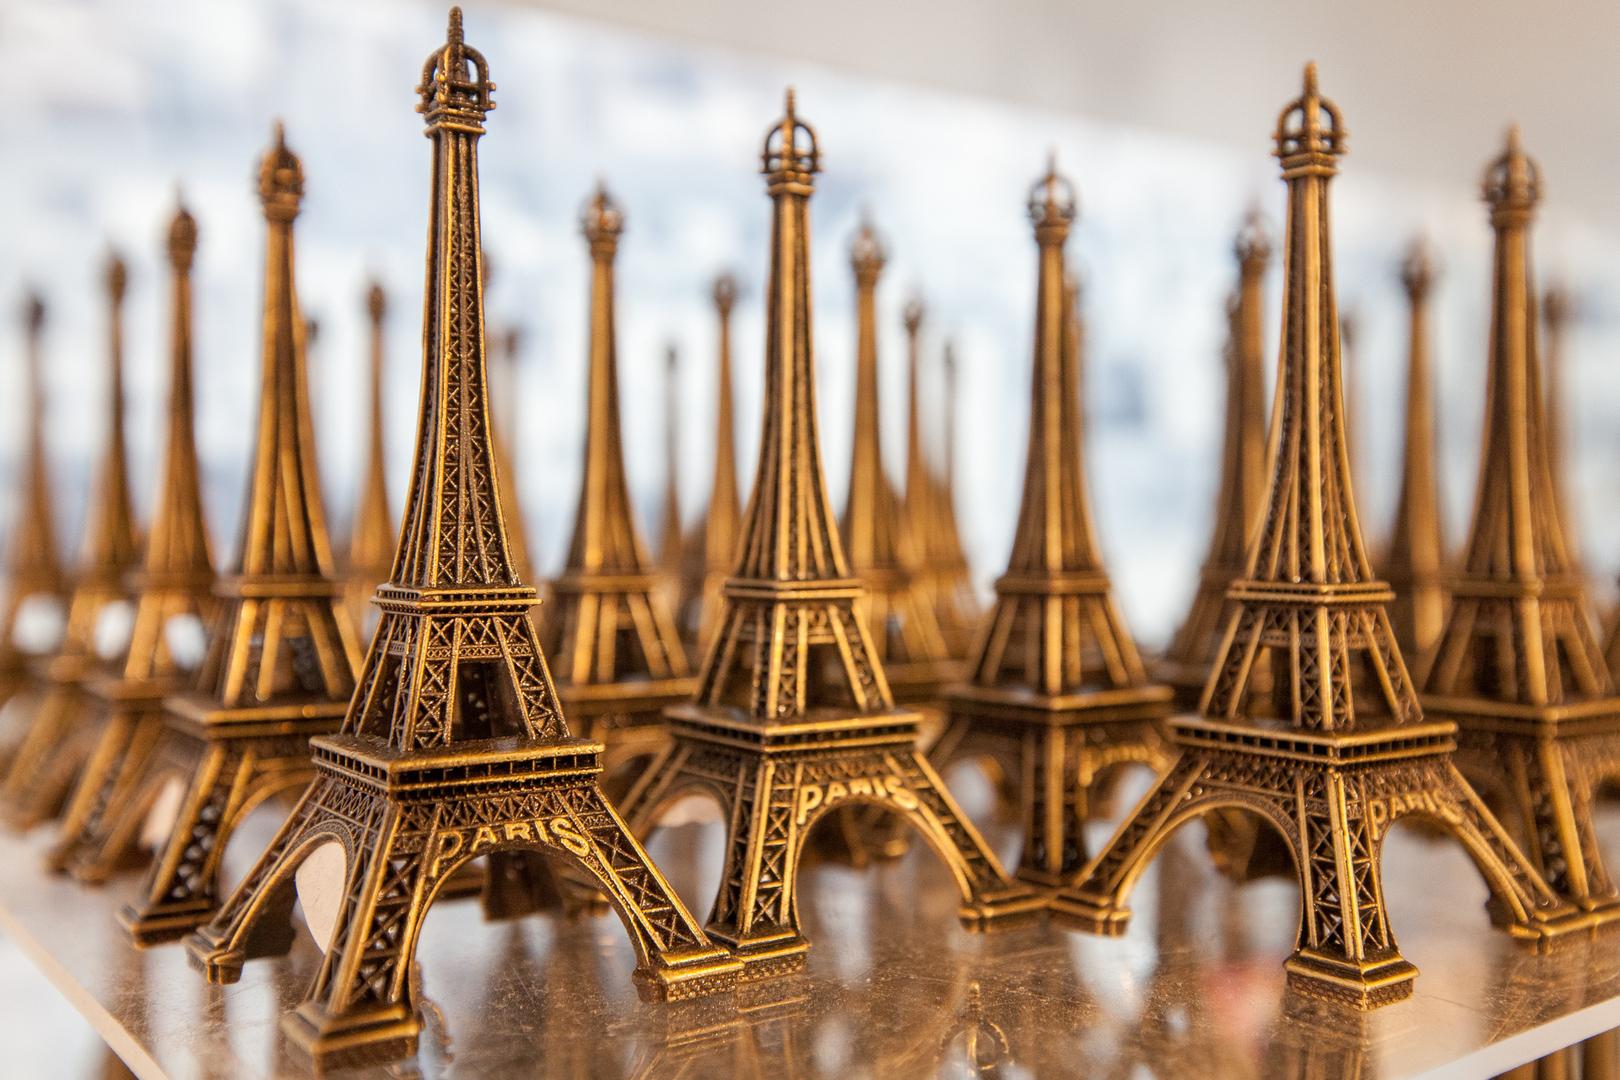 Tour Eiffel en miniature im Lafayette Paris FRA